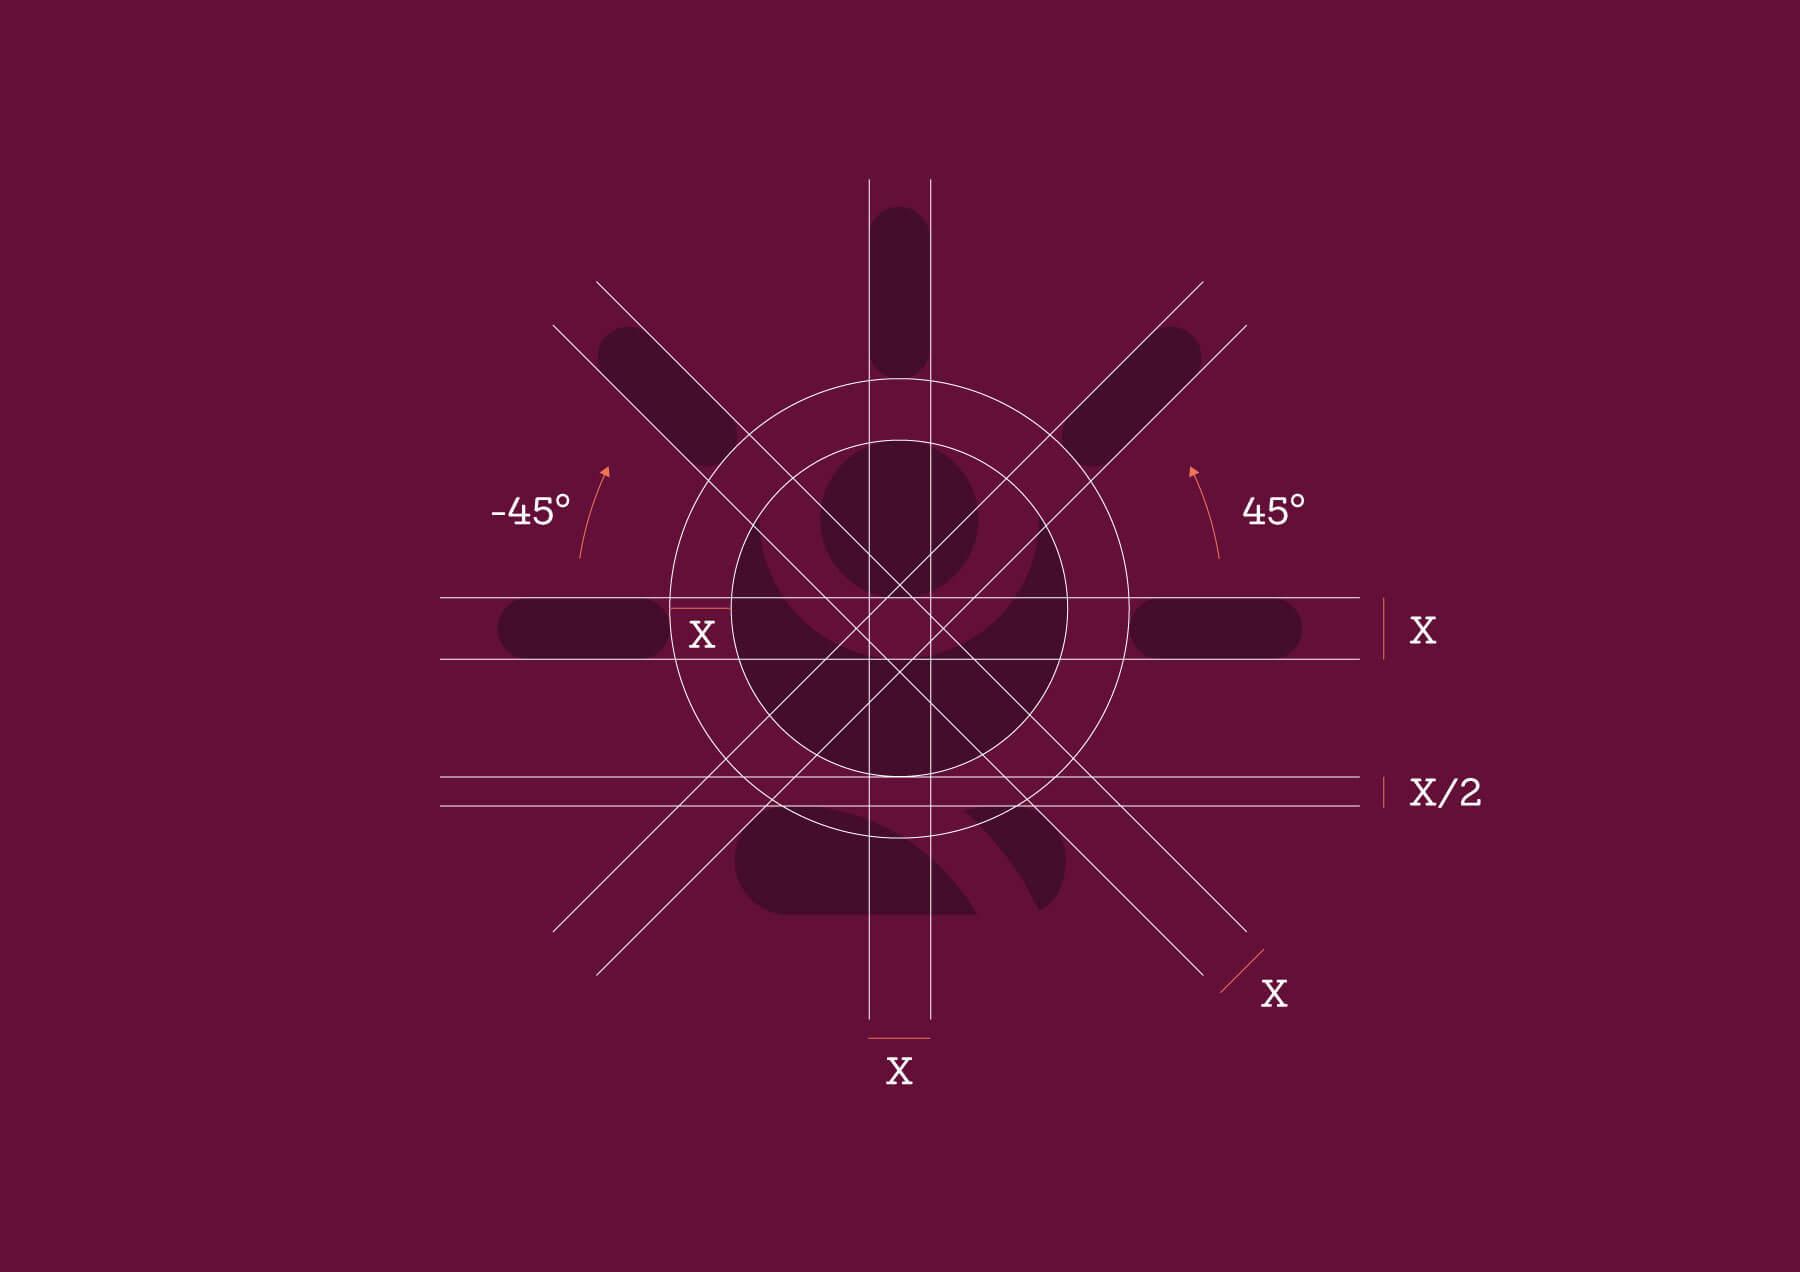 griglia di costruzione e proporzioni del logo Sun & Moon Yoga di colore viola scuro su sfondo viola con numeri bianchi